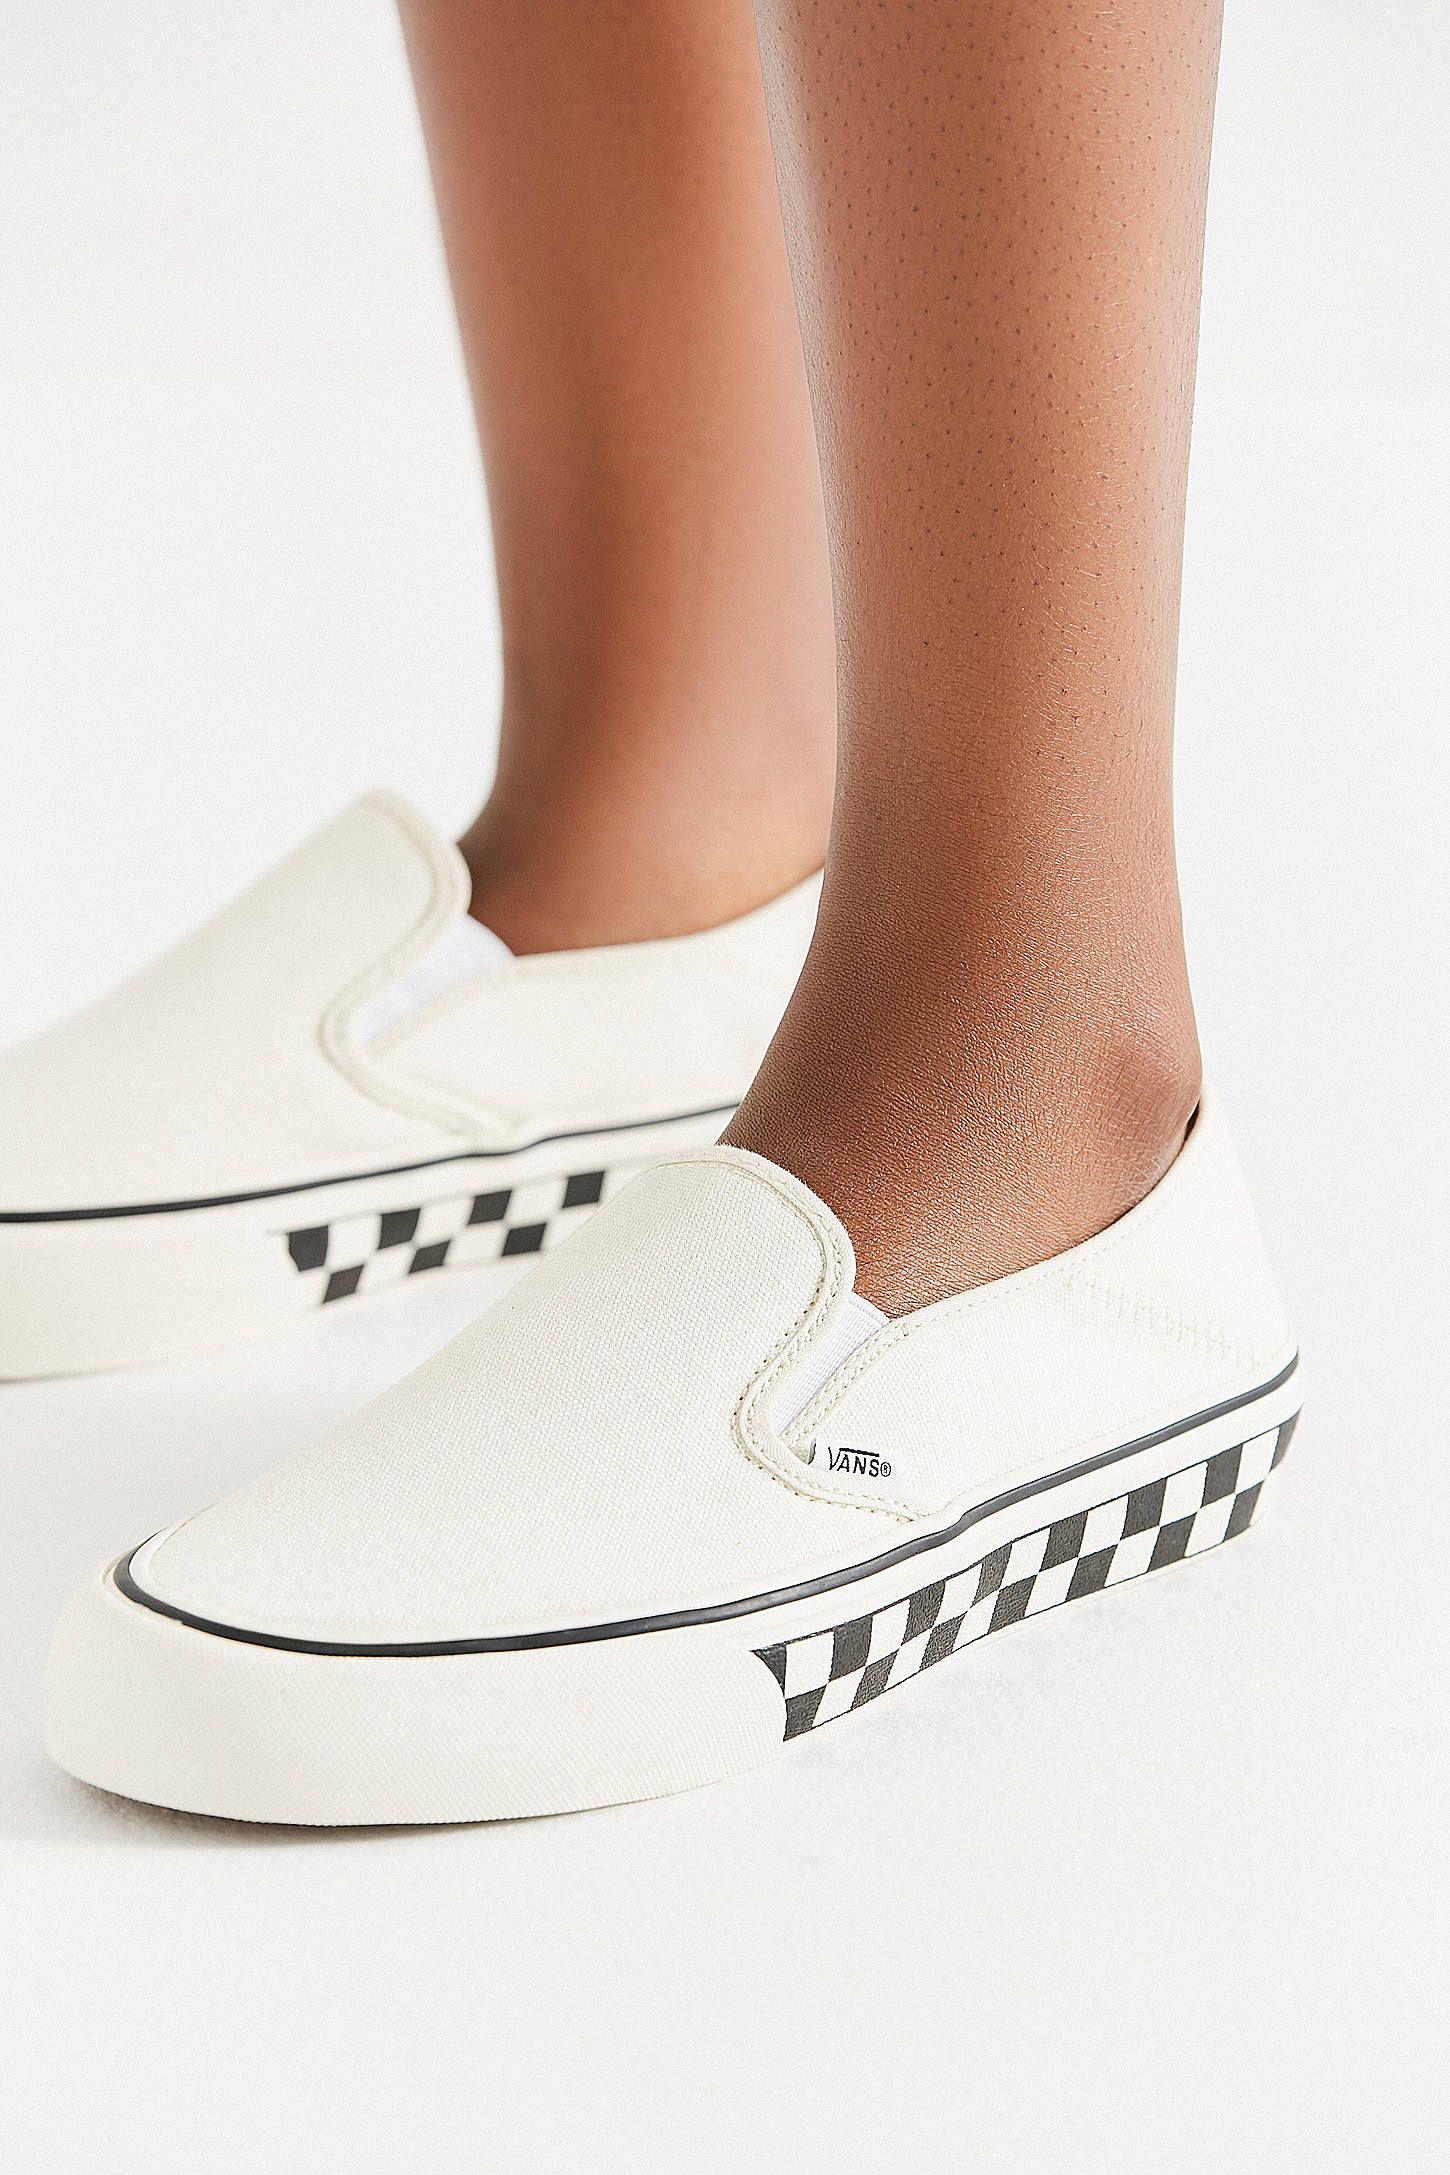 ec9ab866e8d4 Vans Slip-On Checkerboard Sidewall White Sneaker